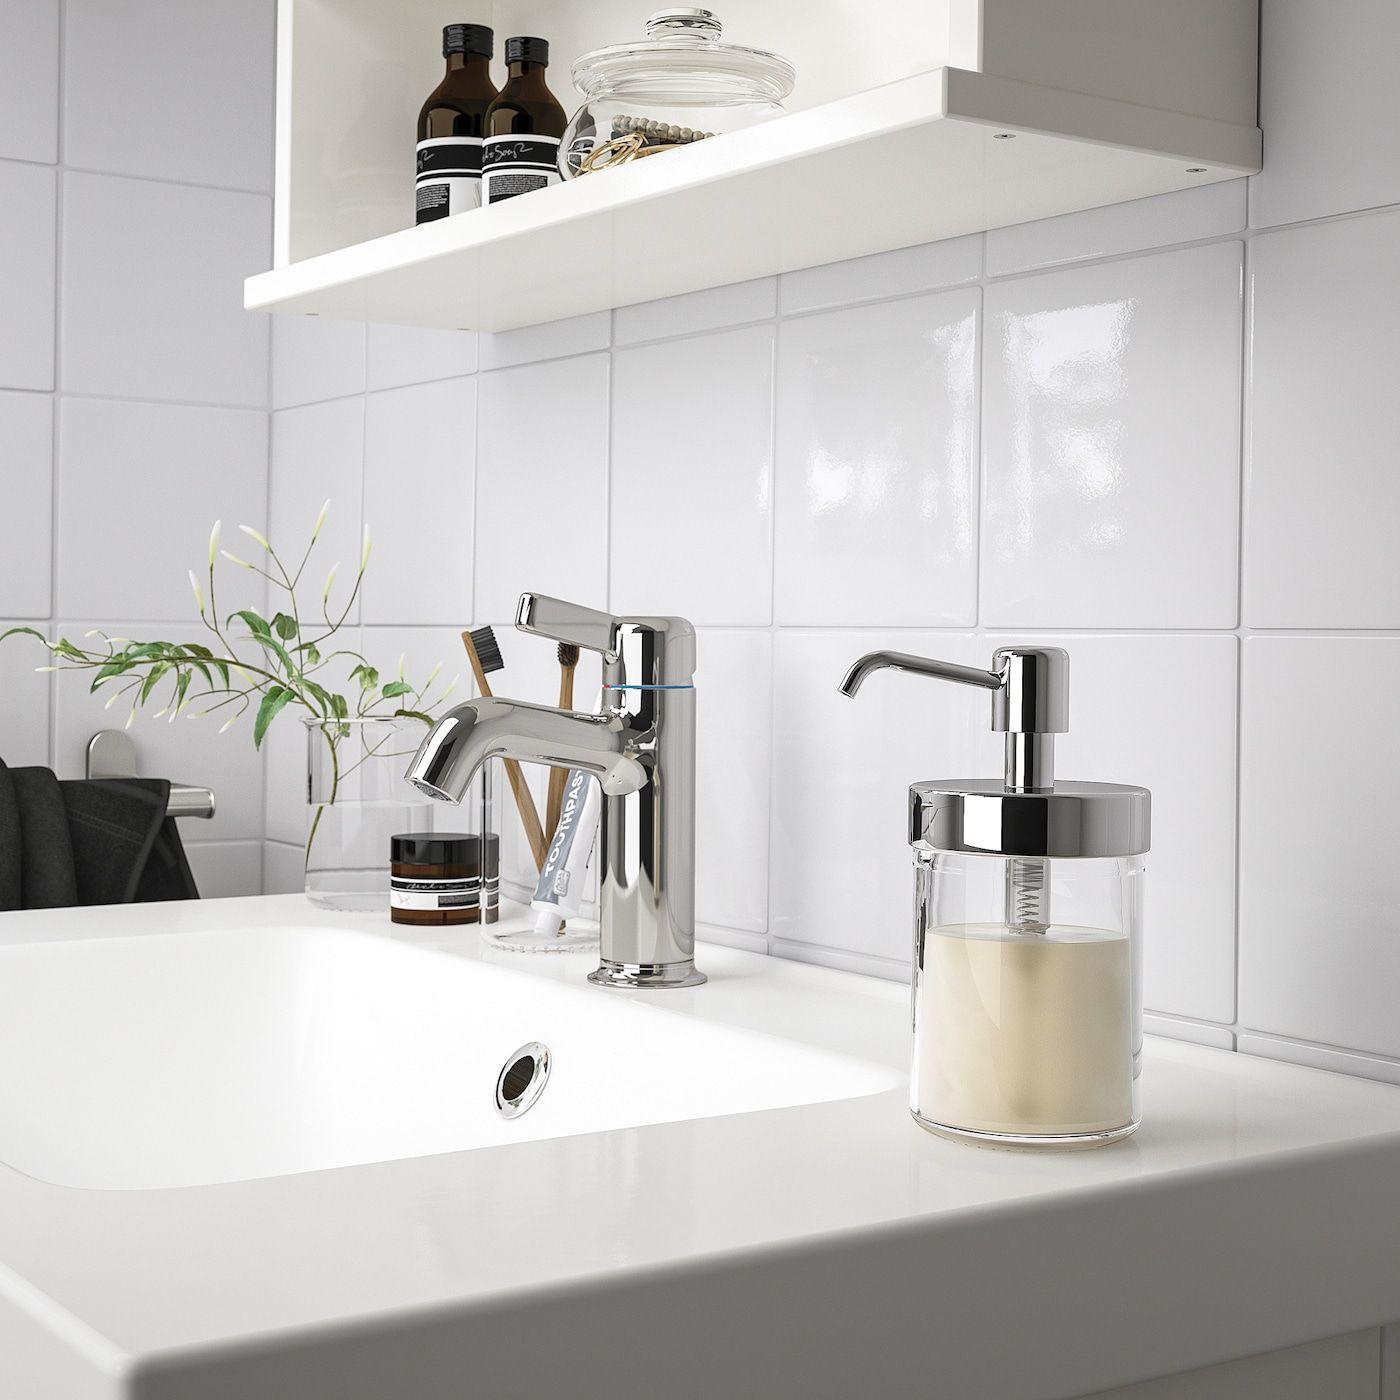 Voxnan Seifenspender Chromeffekt Ikea Osterreich Seifenspender Badezimmer Set Und Zahnburstenhalter